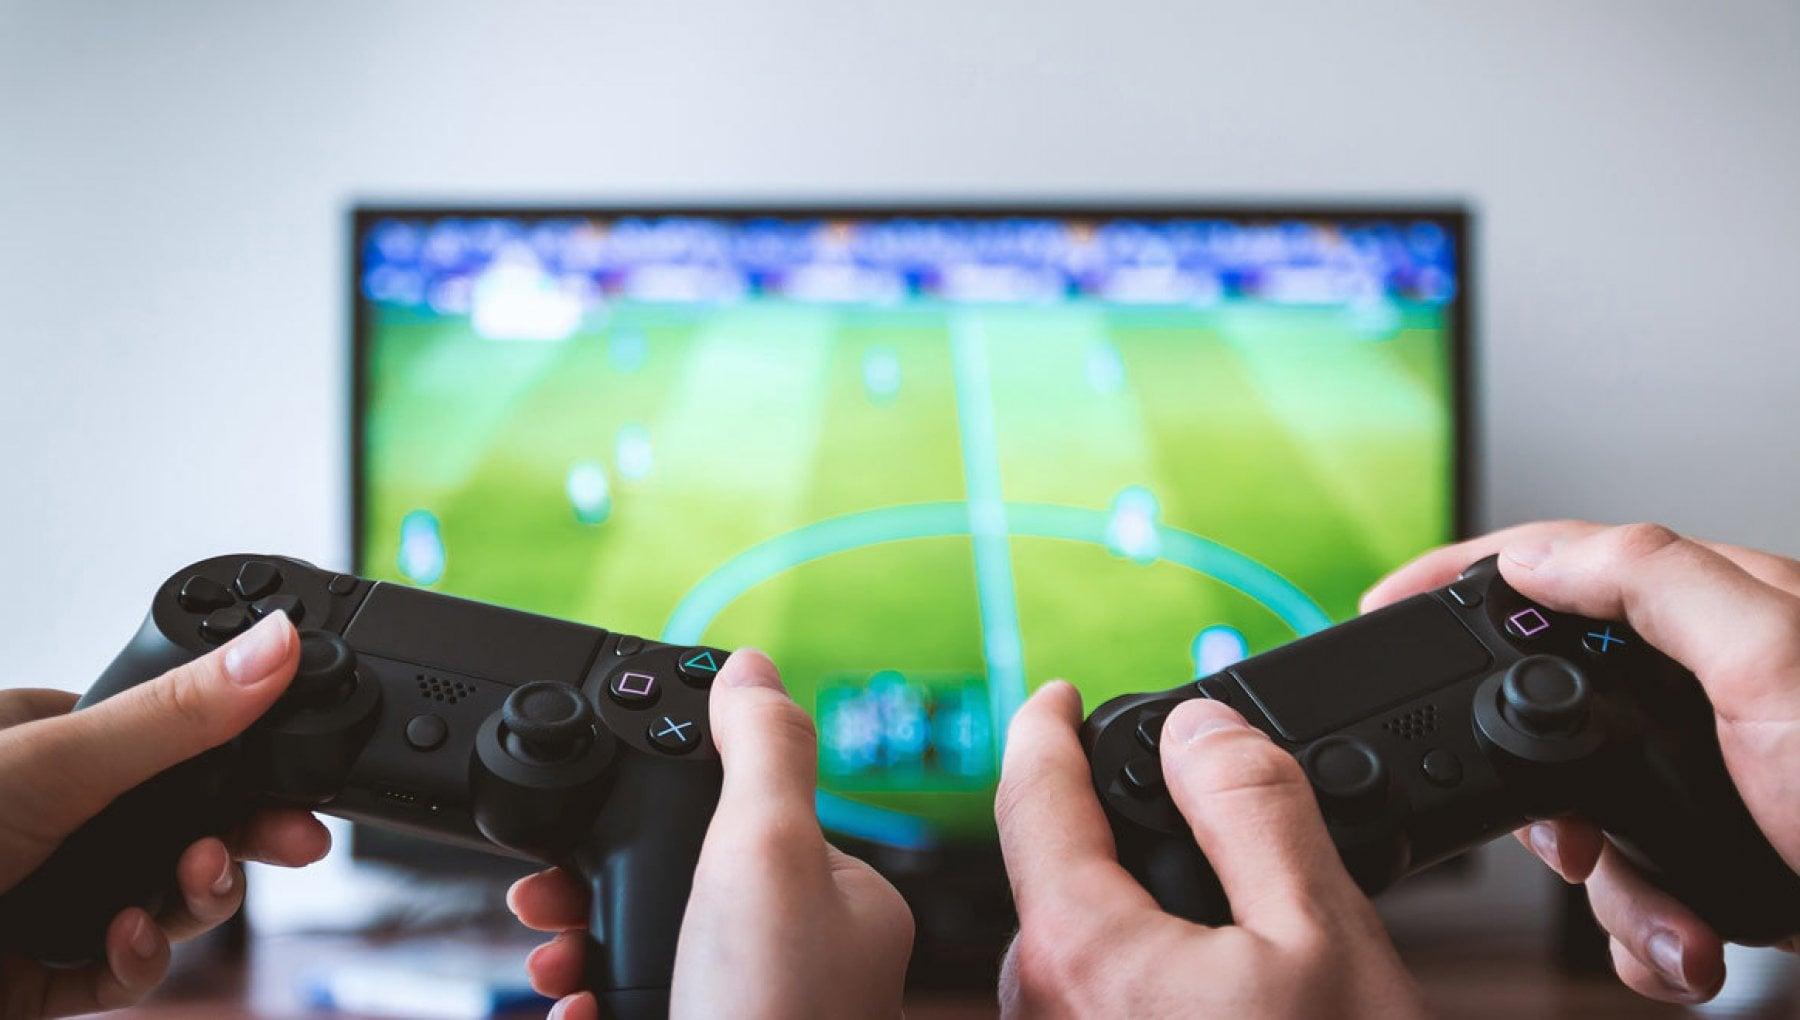 132907116 3c23fcf5 4223 4acd 8df7 46c8587af49e - Genova, invece di studiare in Dad giocano in 11 con la Playstation, minori sanzionati